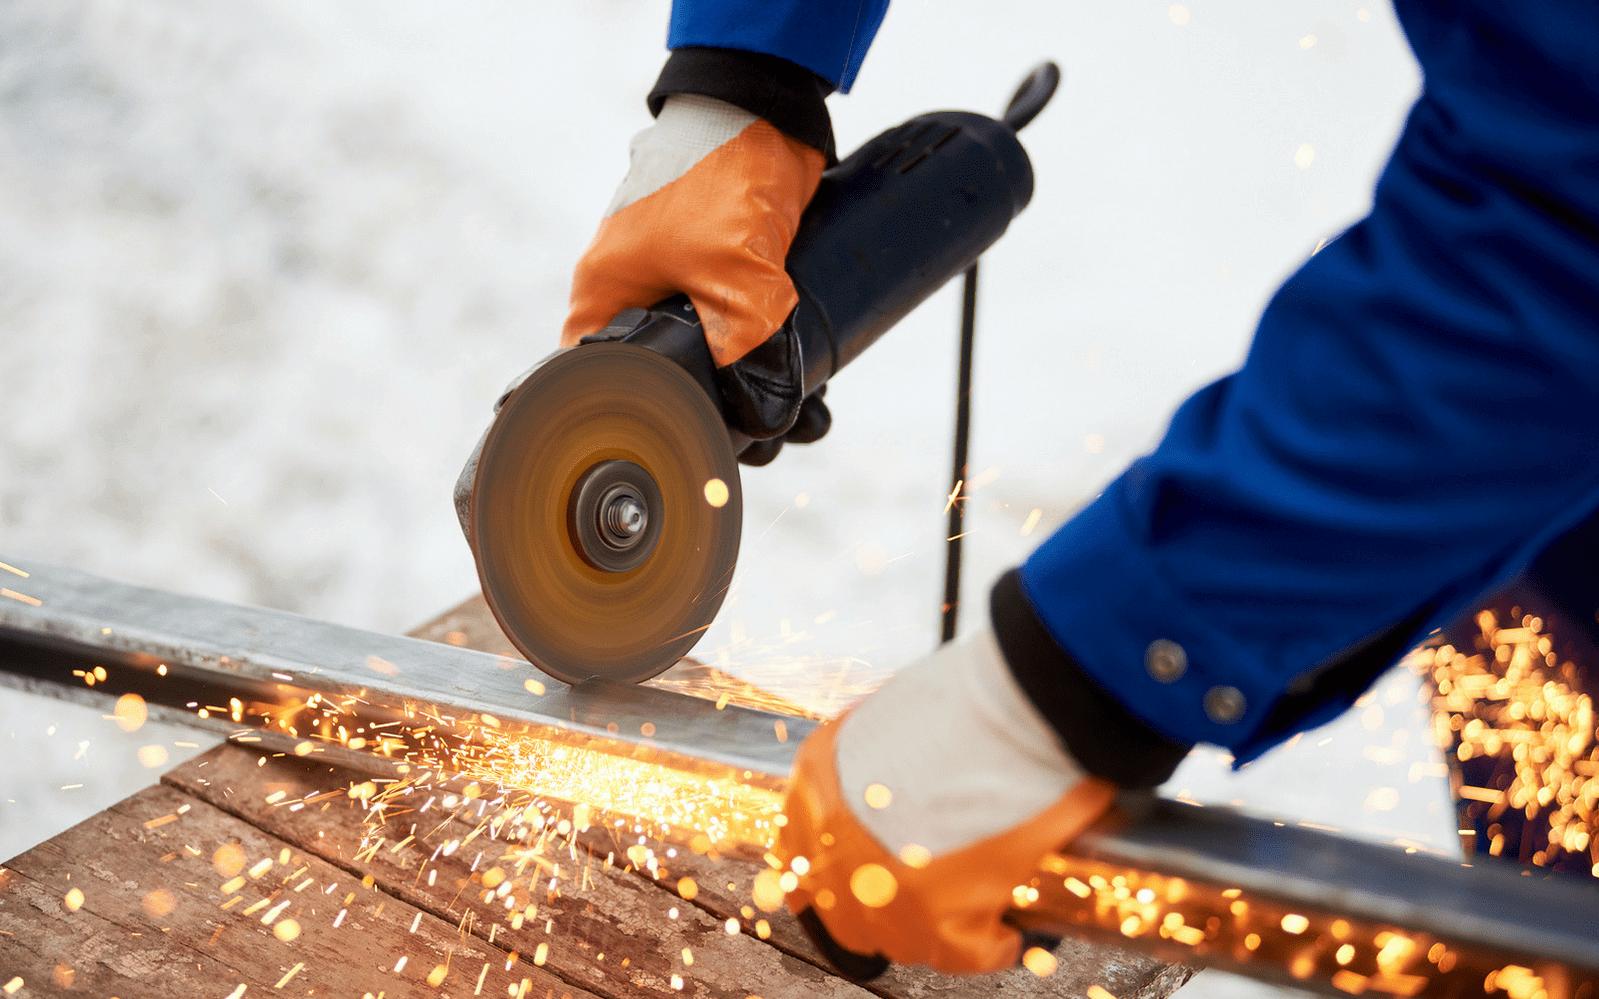 Man grinding metal in overalls